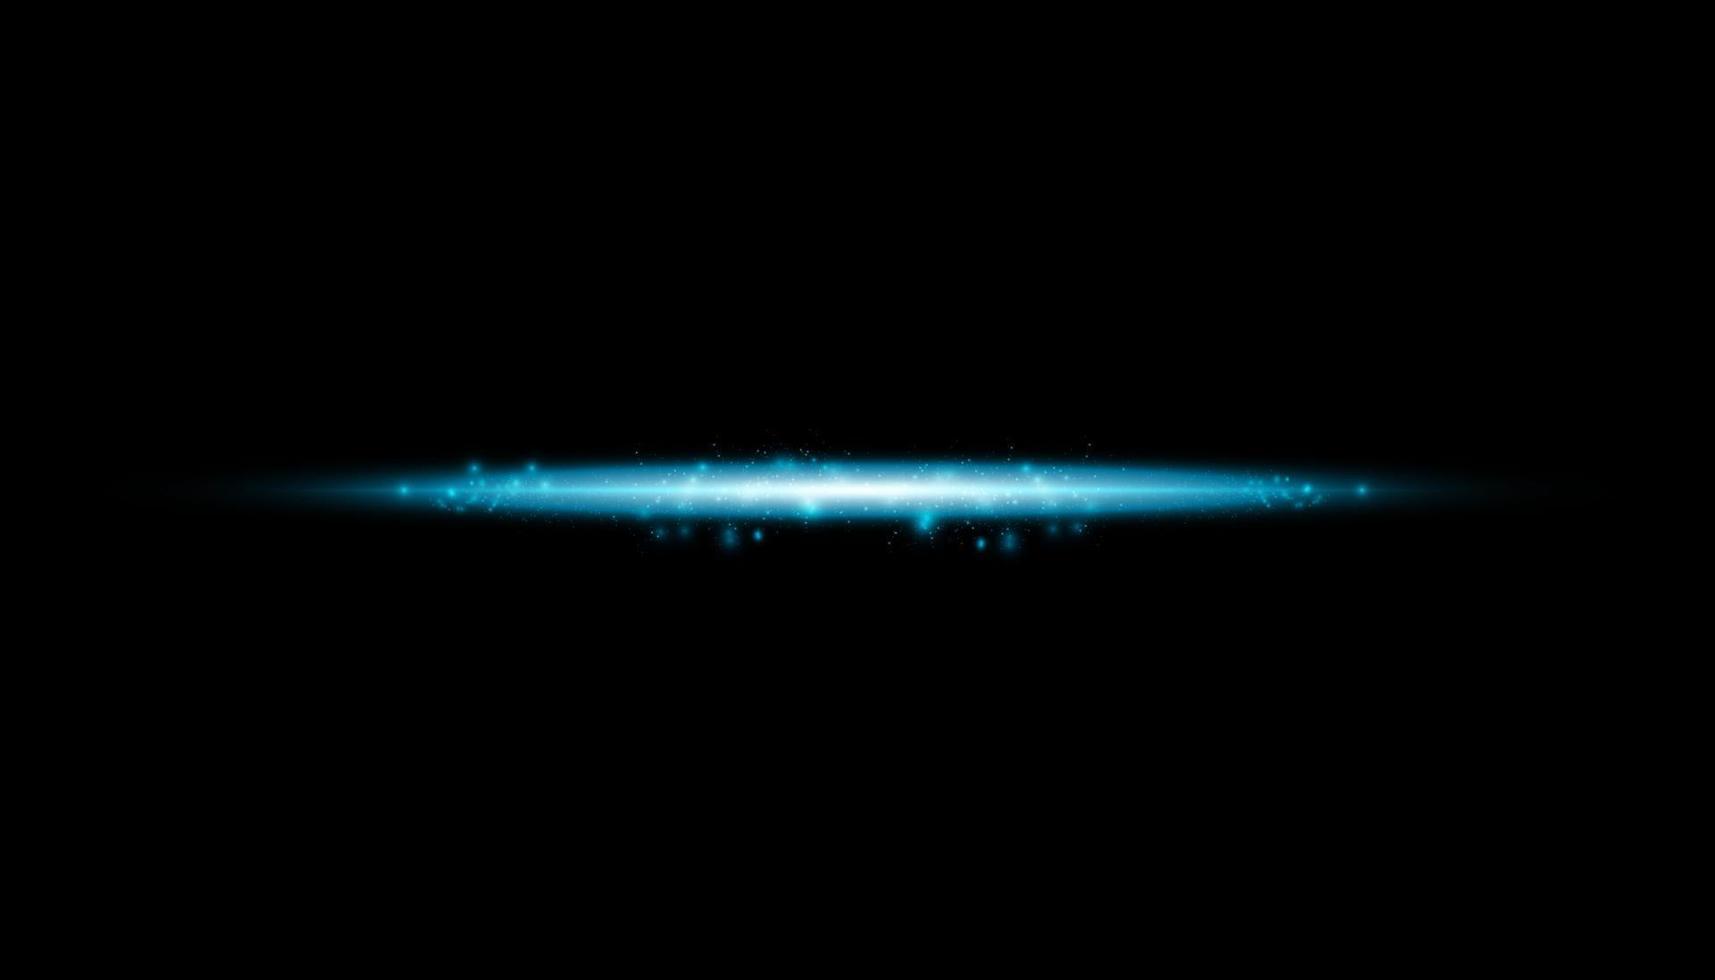 glödisolerad blå effekt, linsflare, explosion, glitter, linje, solblixt, gnista och stjärnor. för illustration mall konst design, banner för jul fira, magiska blixt energi stråle. vektor